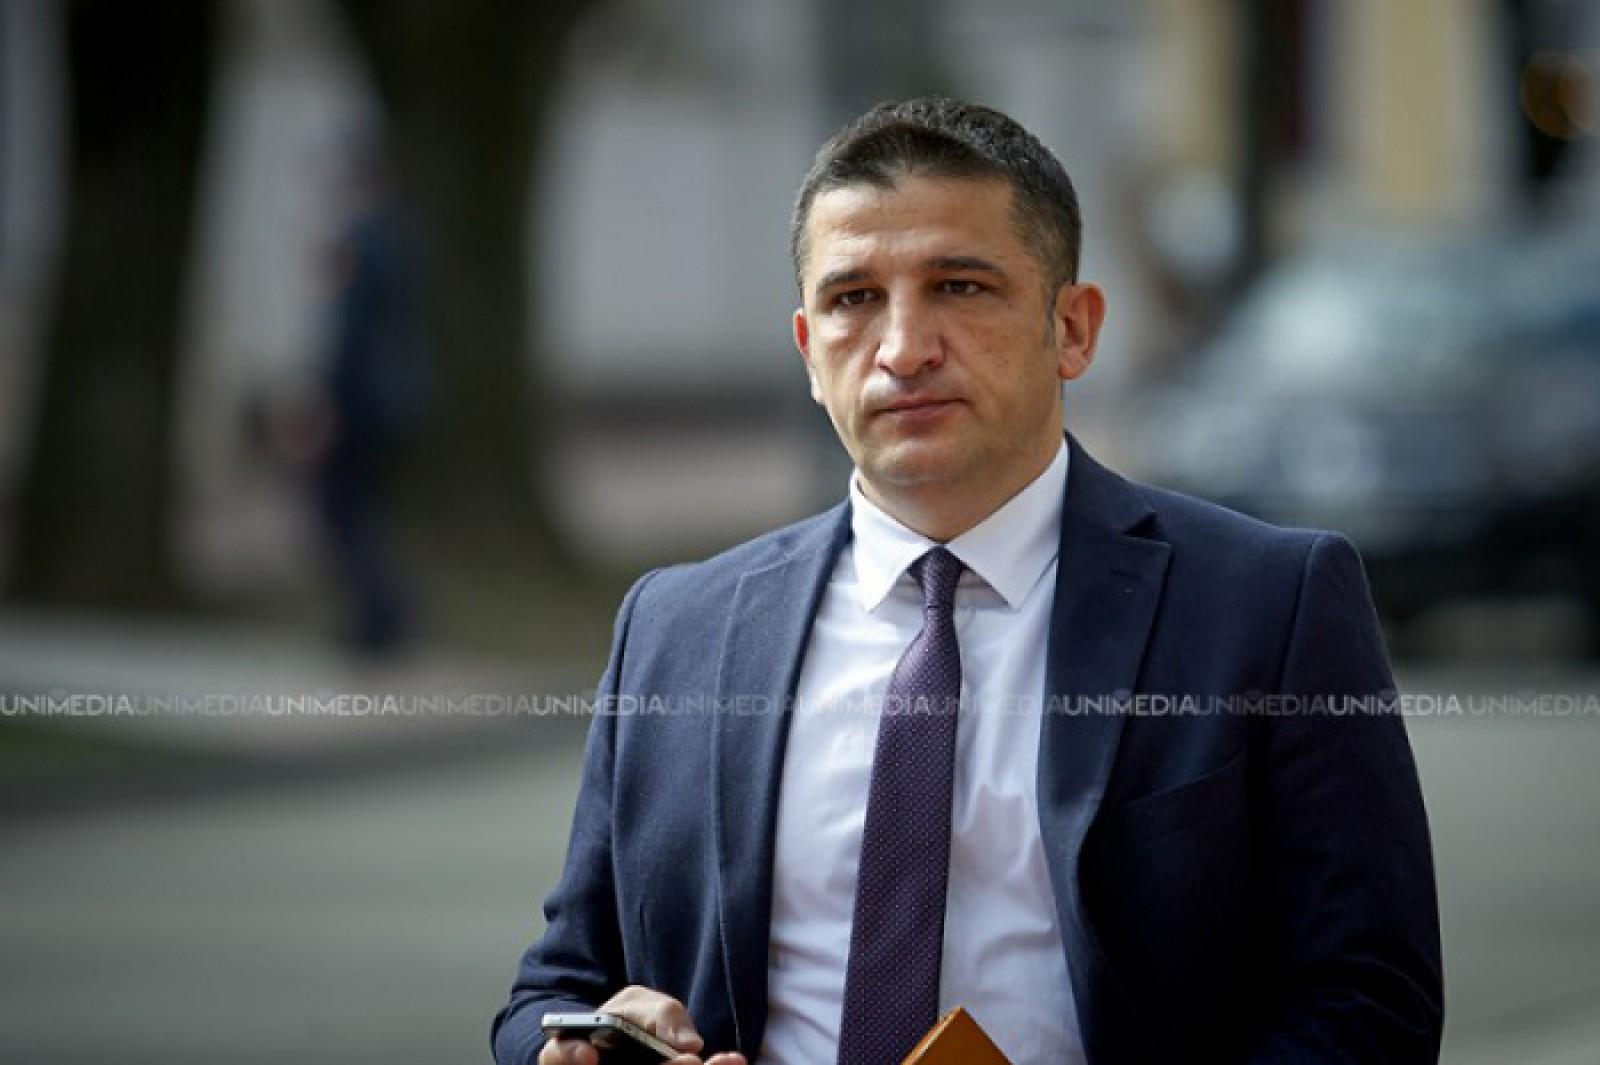 Vlad Țurcanu: Moscova are un potențial uriaș de a intimida Chișinăul pe dimensiunile economică și de securitate